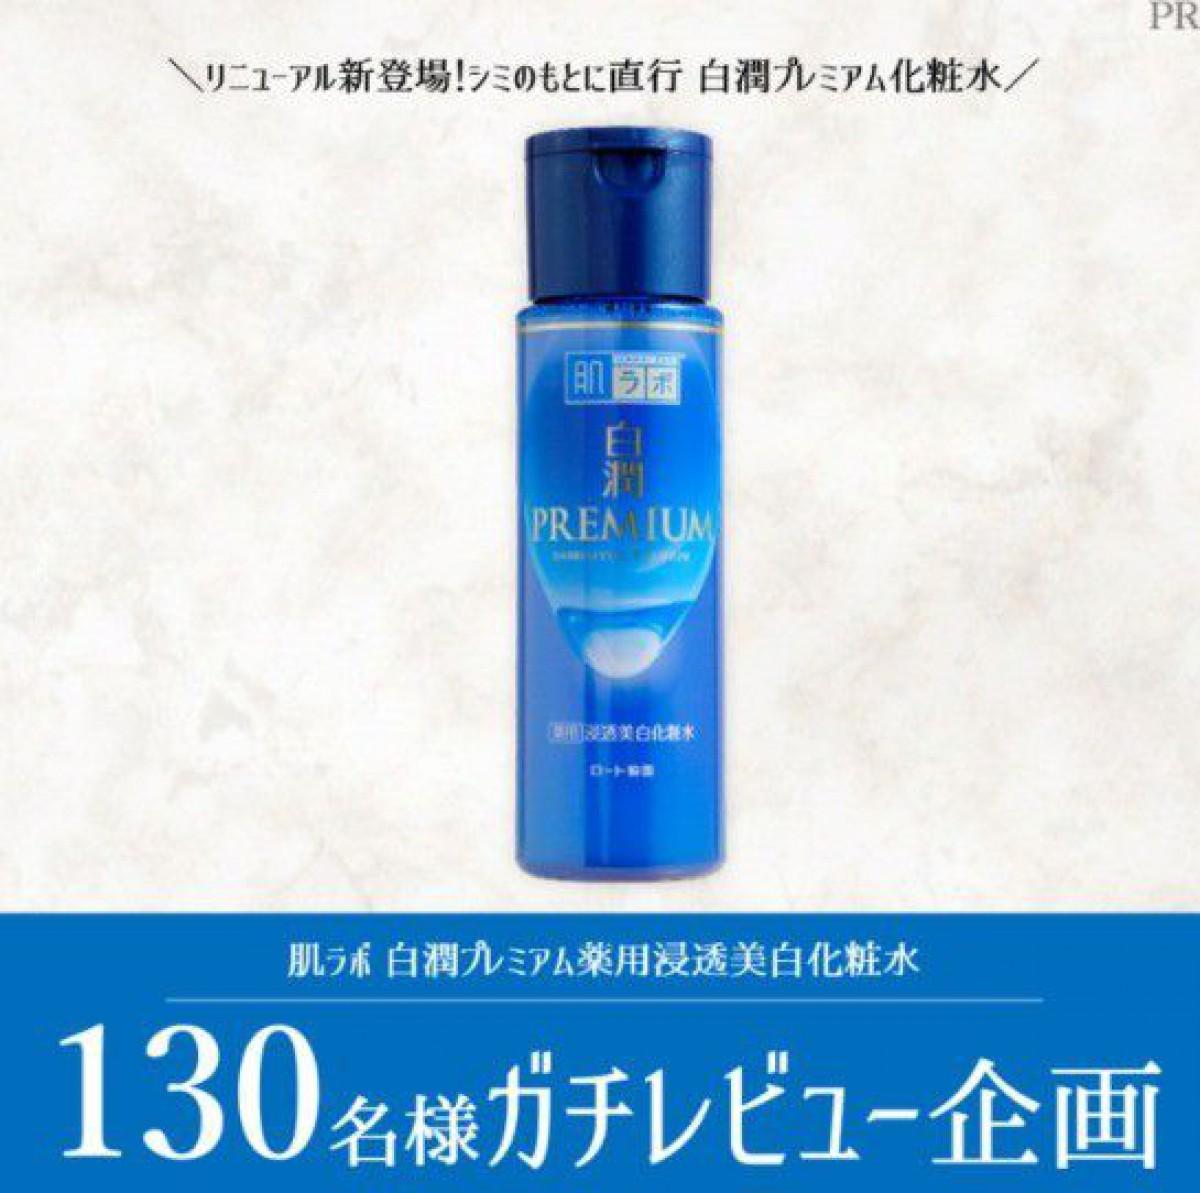 白潤プレミアム薬用浸透美白化粧水の商品モニター懸賞☆